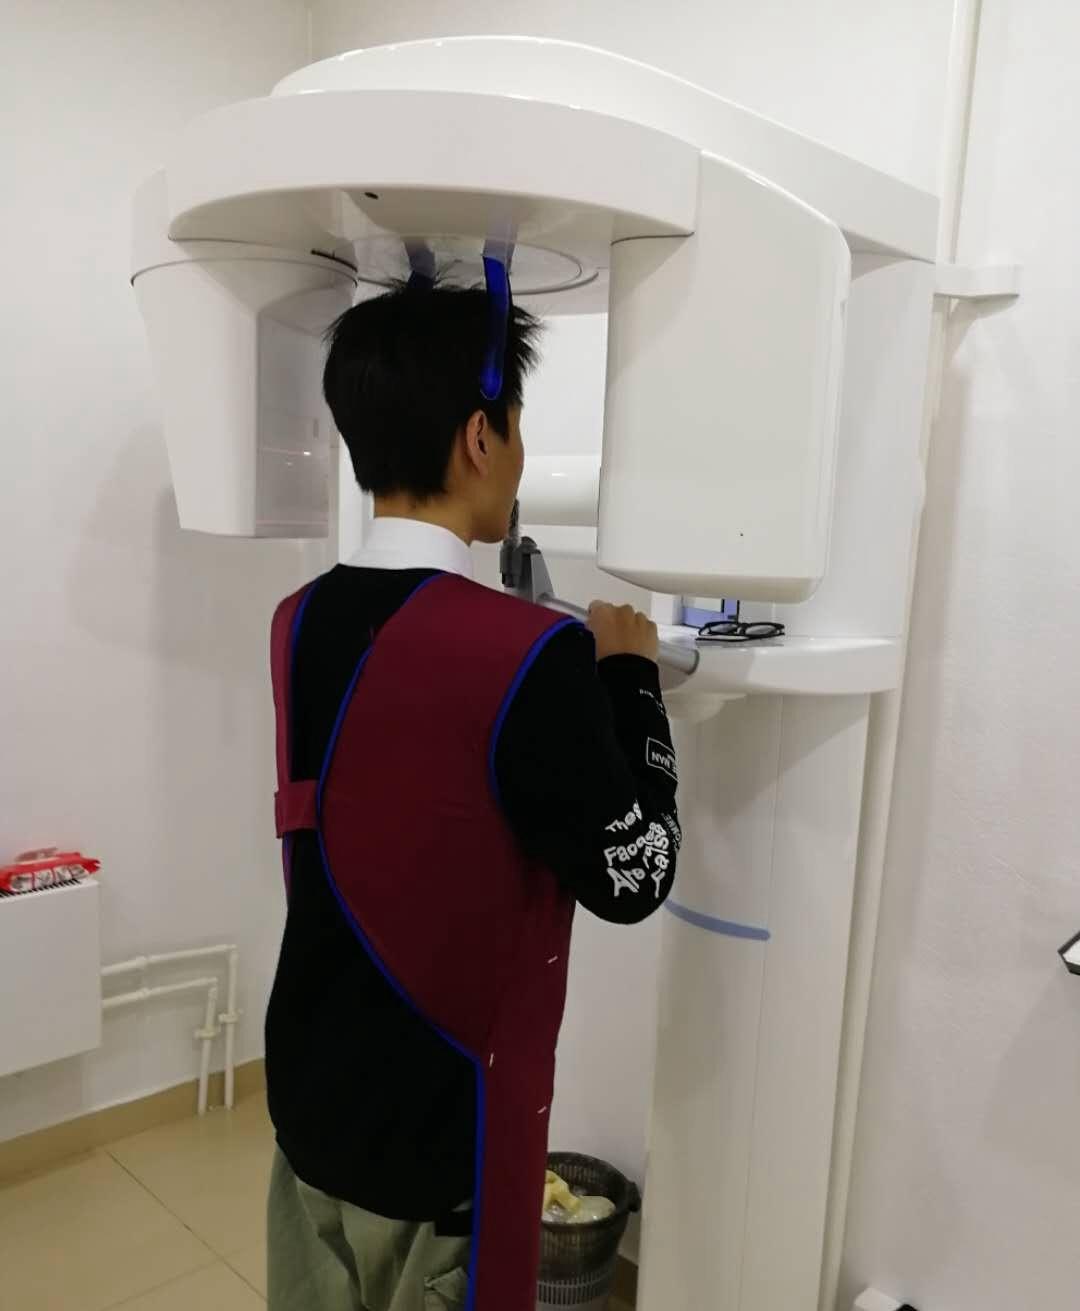 在叶卡捷琳堡的牙科诊所(私立)进行检查、这是扫描X光判断牙齿断裂位置|俄罗斯留学